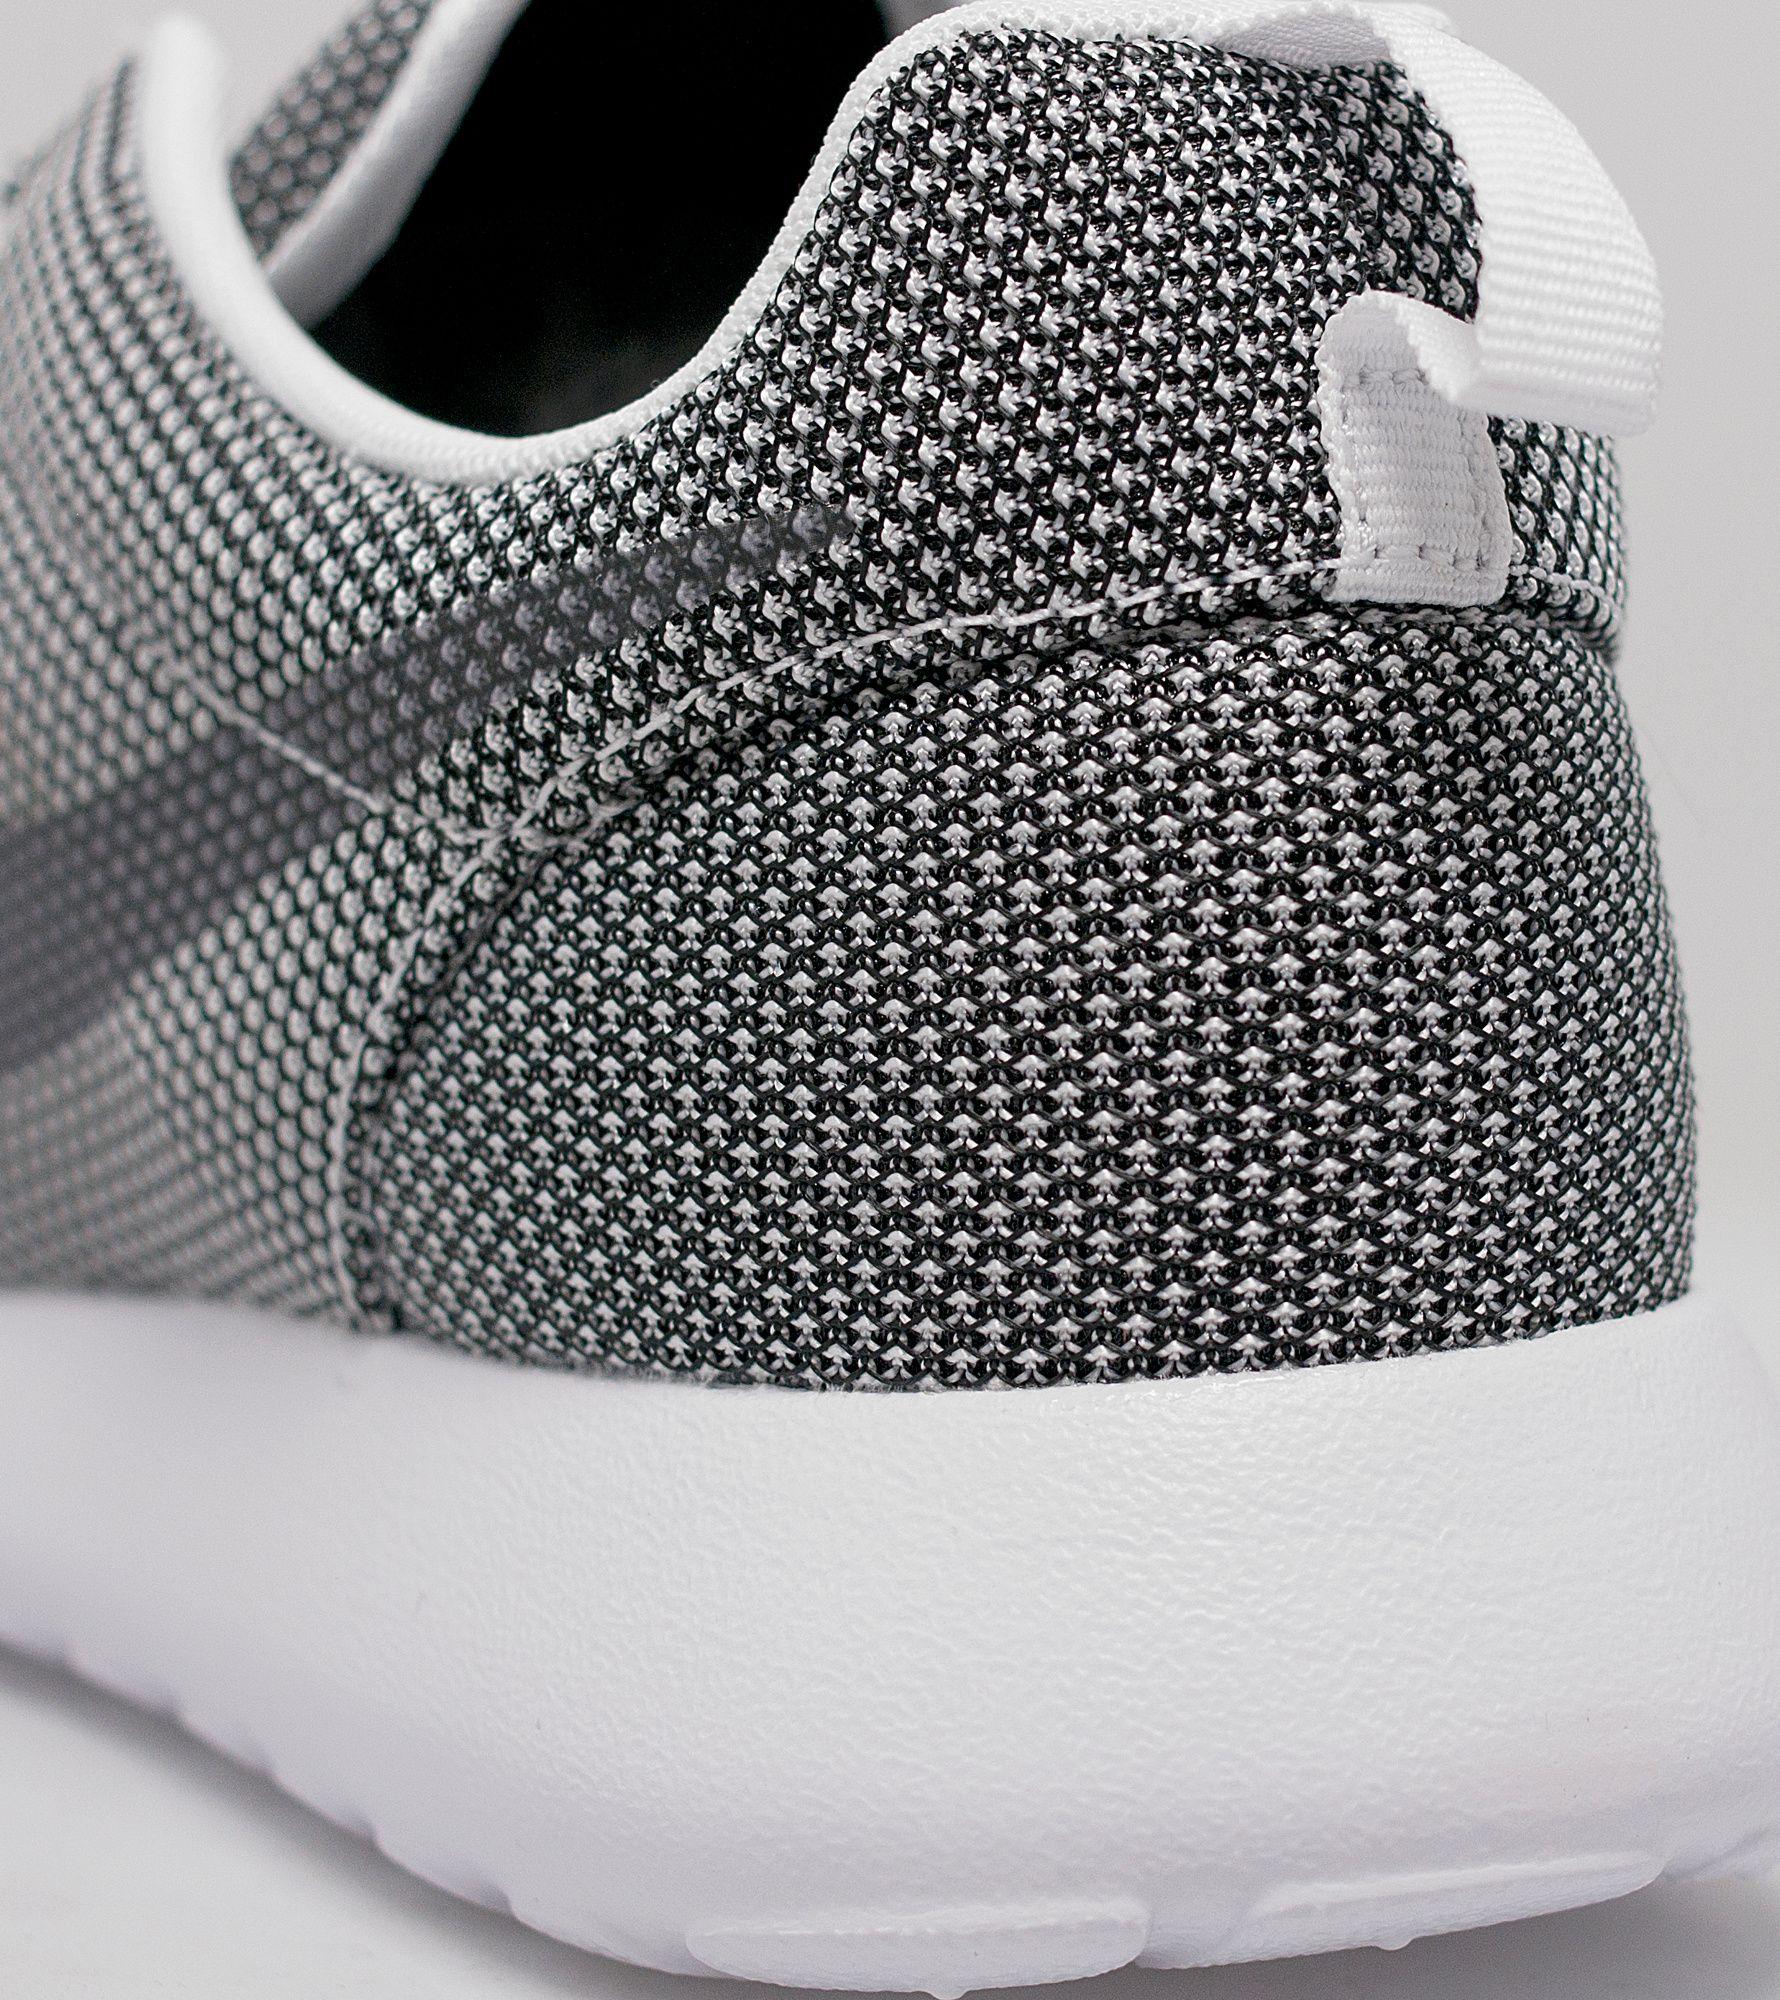 wlmwj Nike Roshe One   Size?